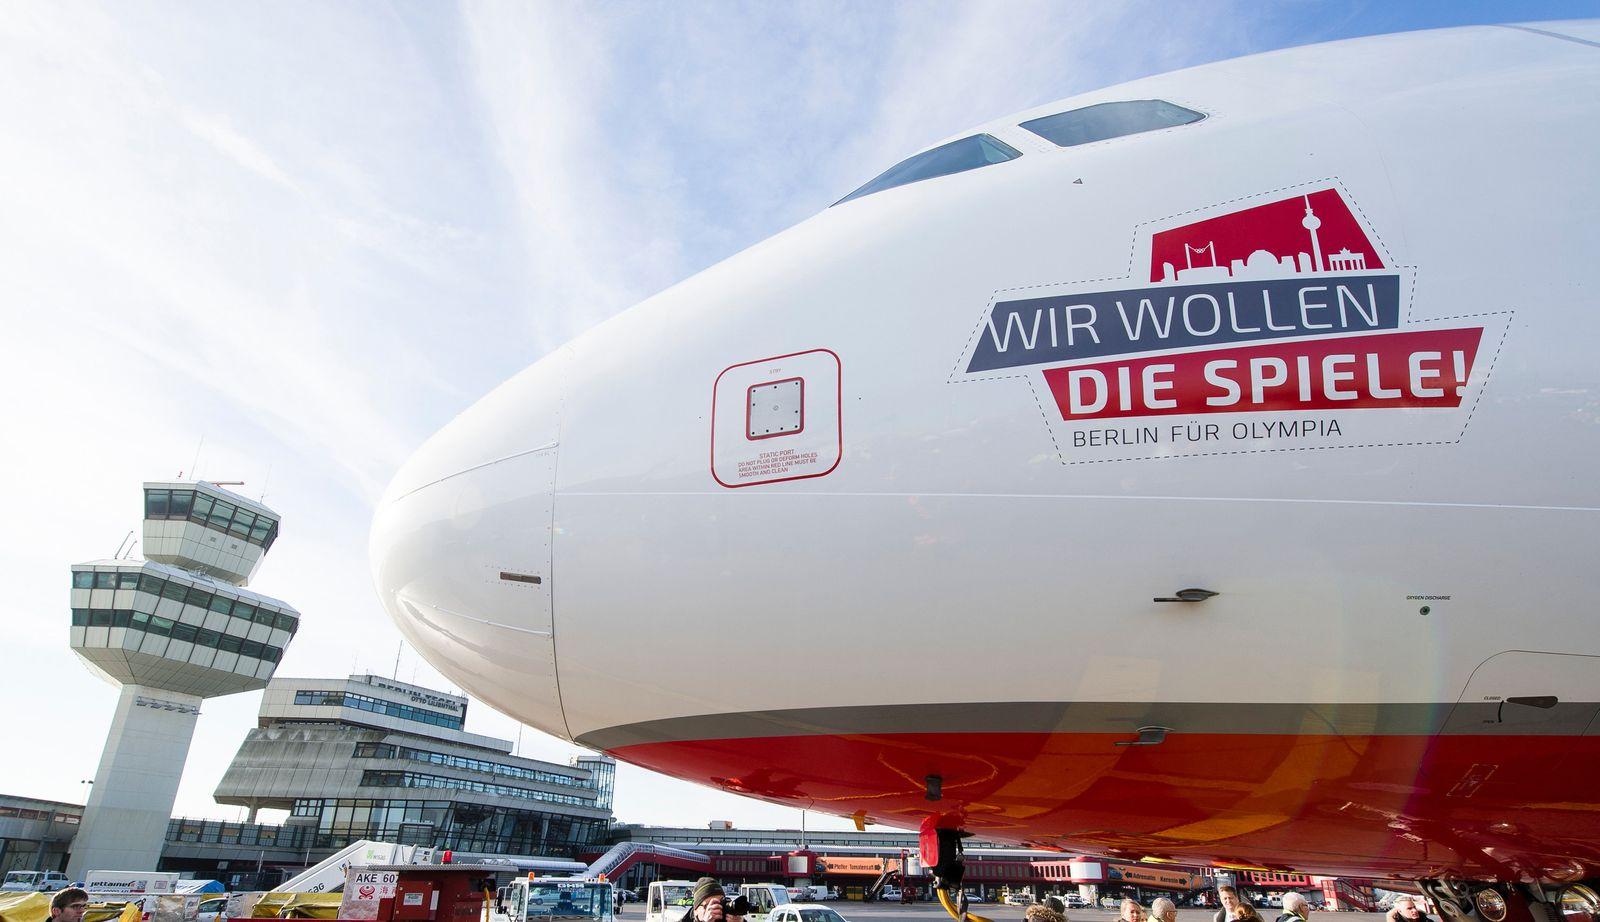 Olympia-Werbeflugzeug in Berlin vorgestellt